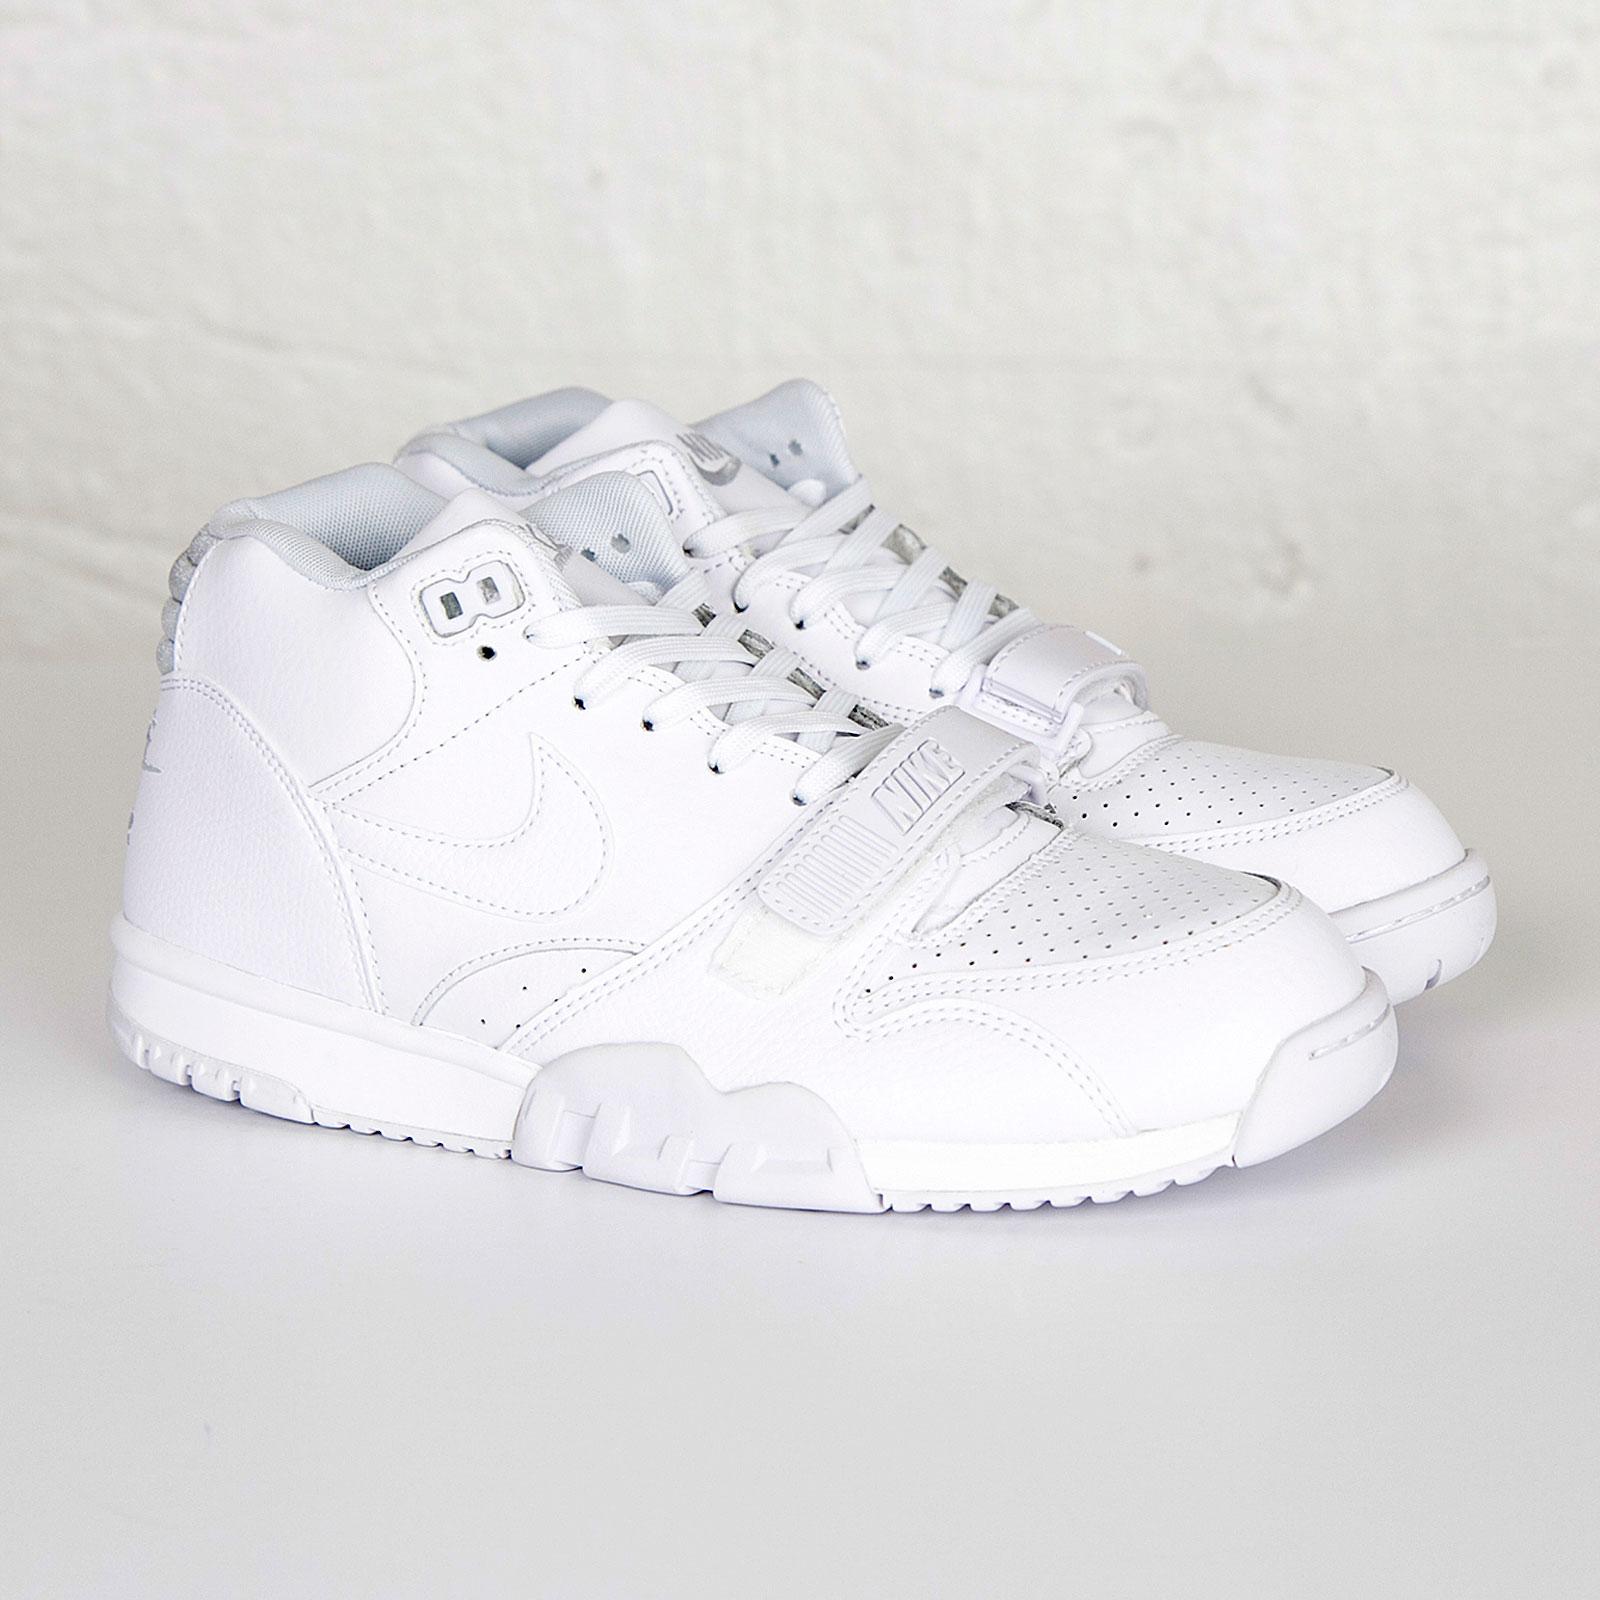 promo code 9968b d13e2 Nike Air Trainer 1 Mid